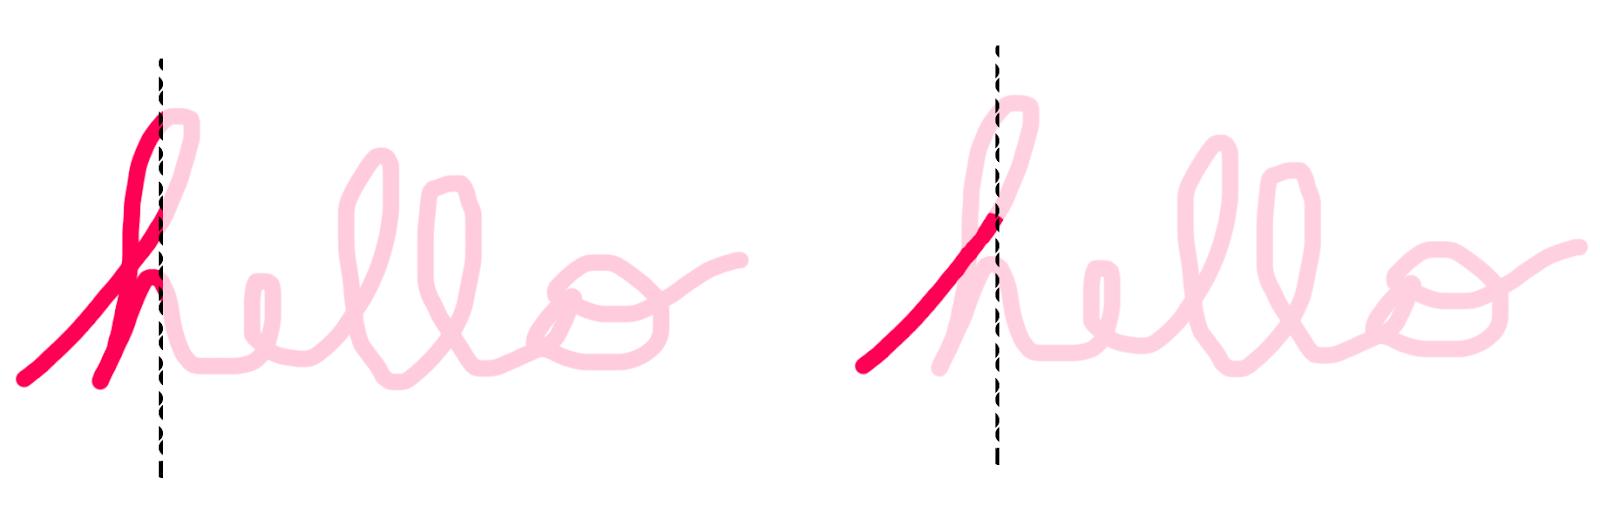 Эксперименты с AR: когда C# встречается с CSS - 4